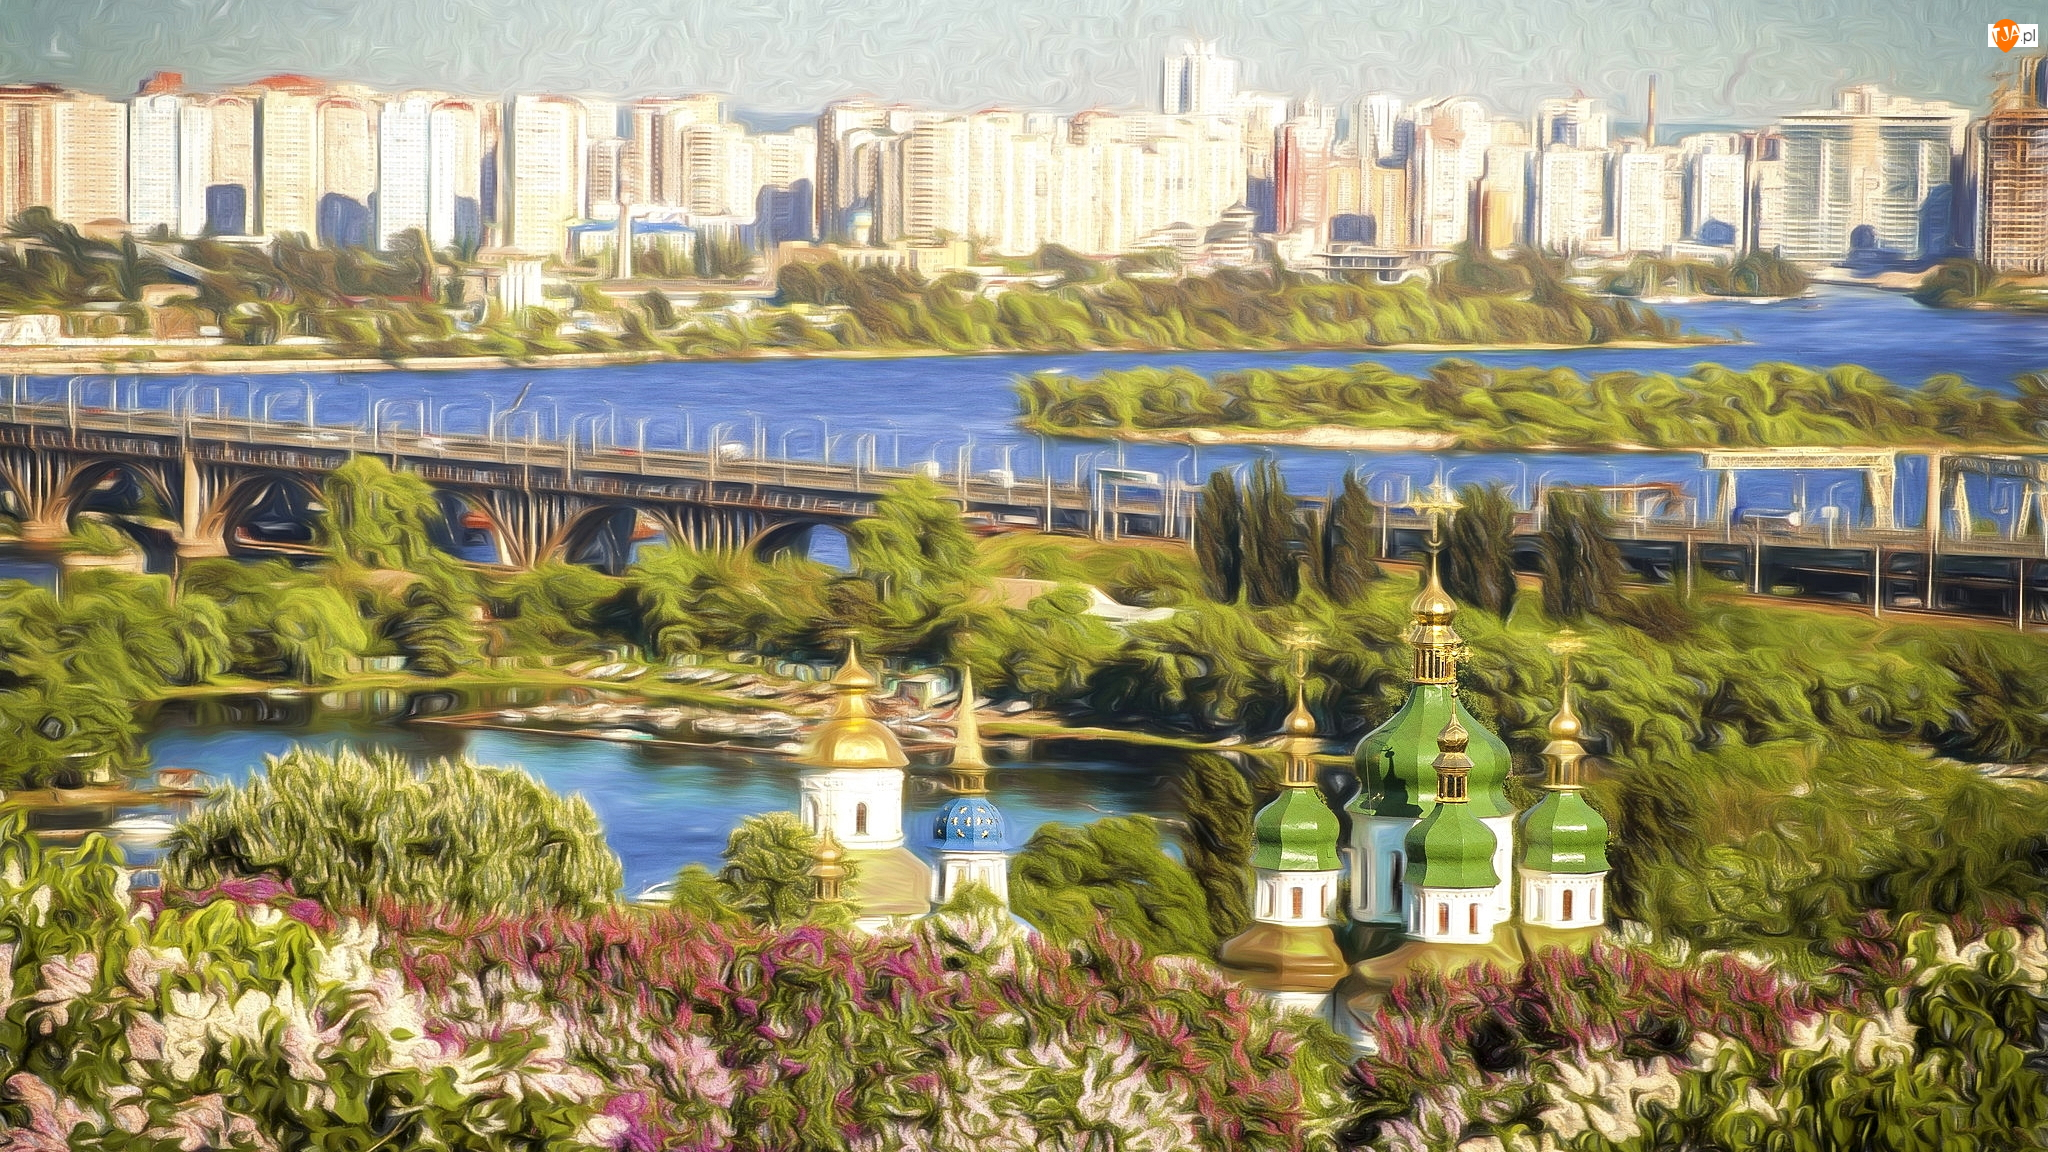 Rzeka, Domy, Cerkiew, Grafika, Most, Roślinność